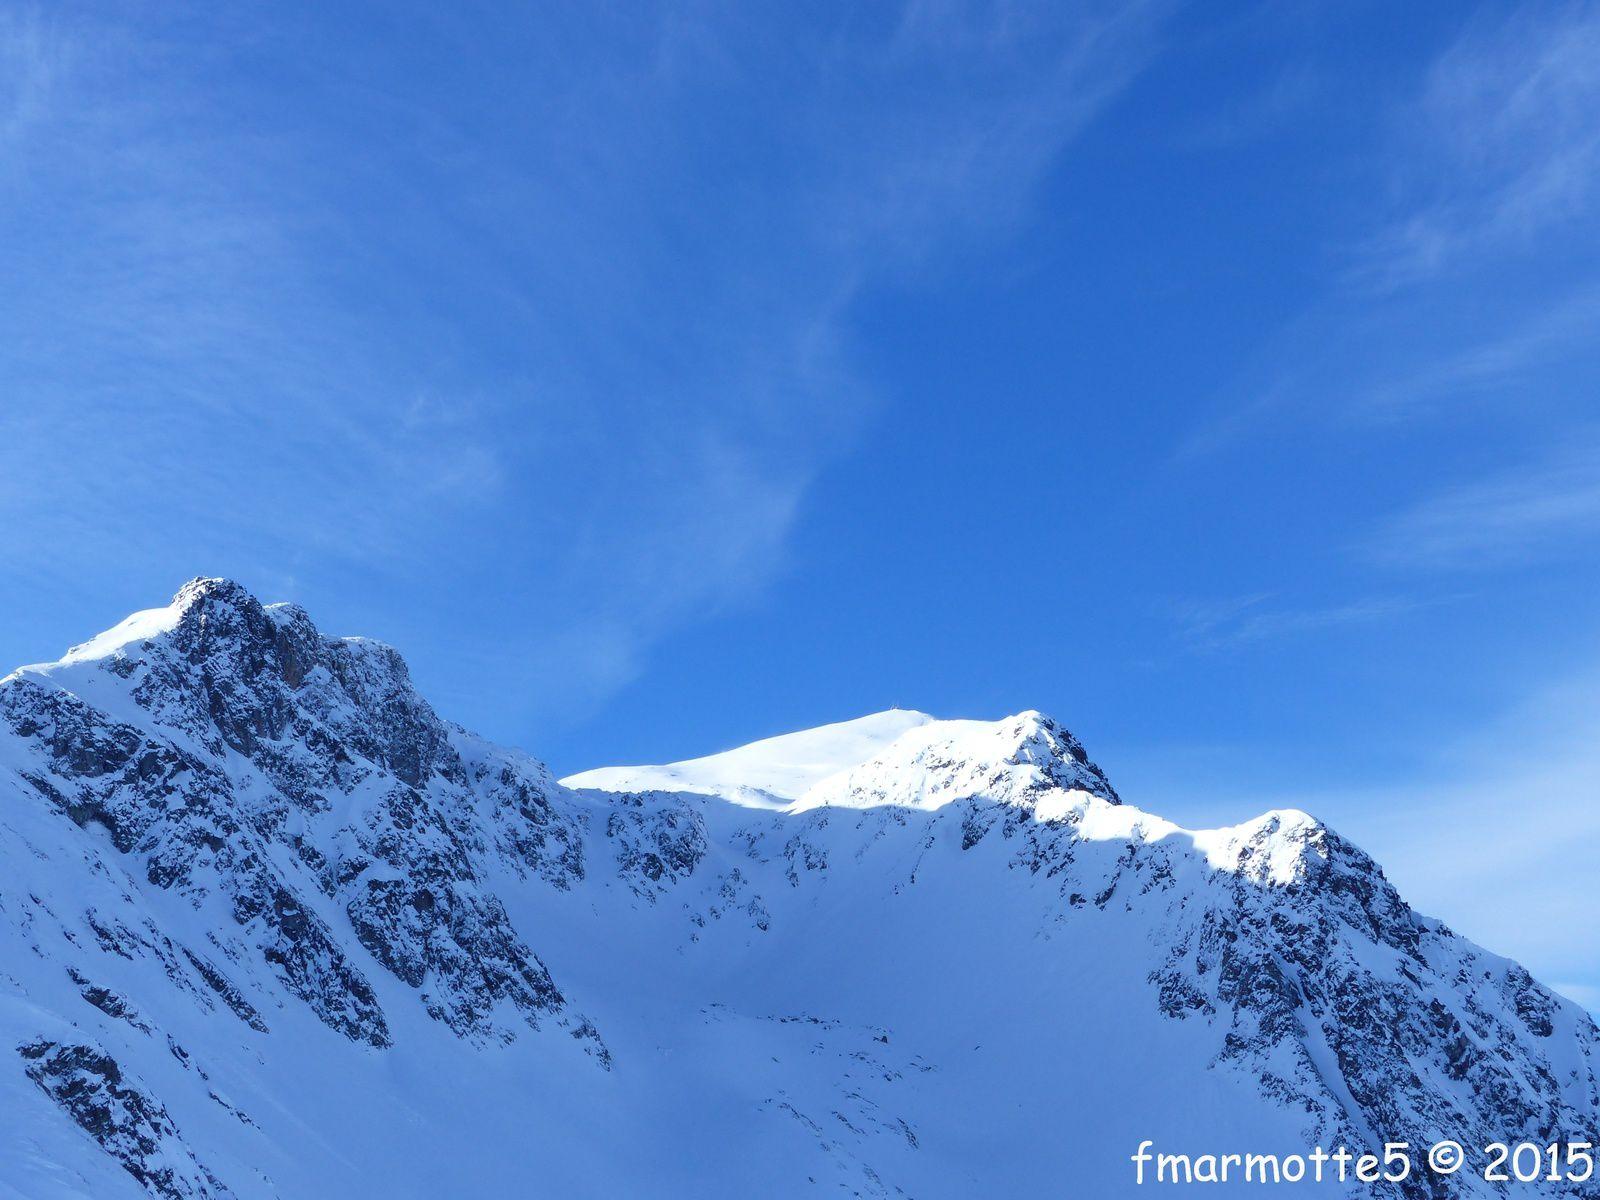 Le sommet vu depuis le Col de la Forclaz , tous au sommet du Grand Mont  2687 m.